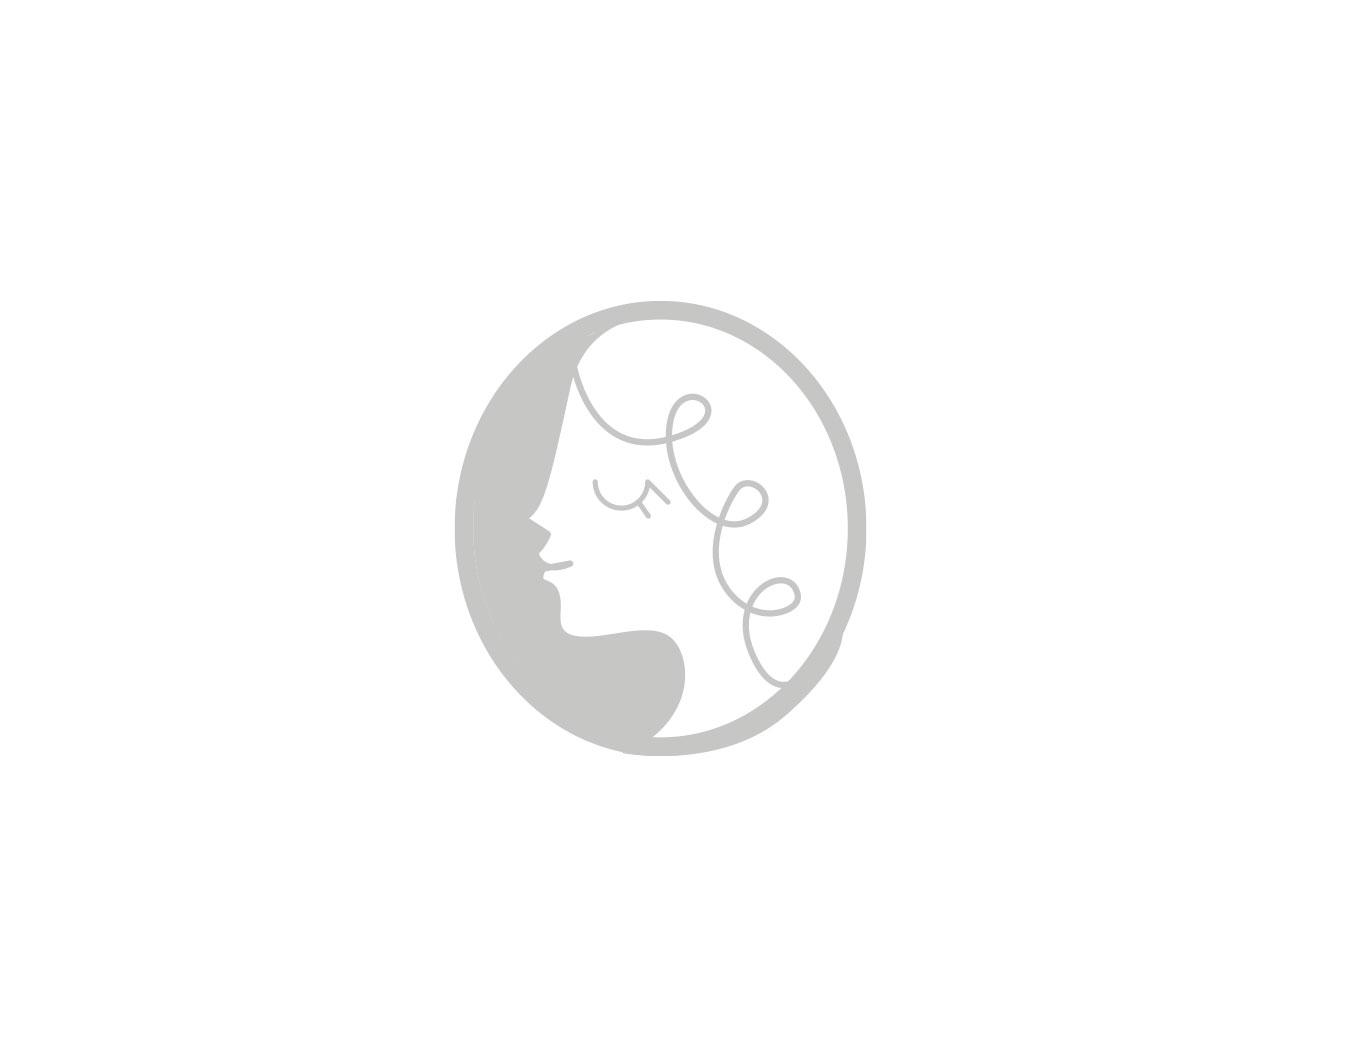 brandmark-1.jpg